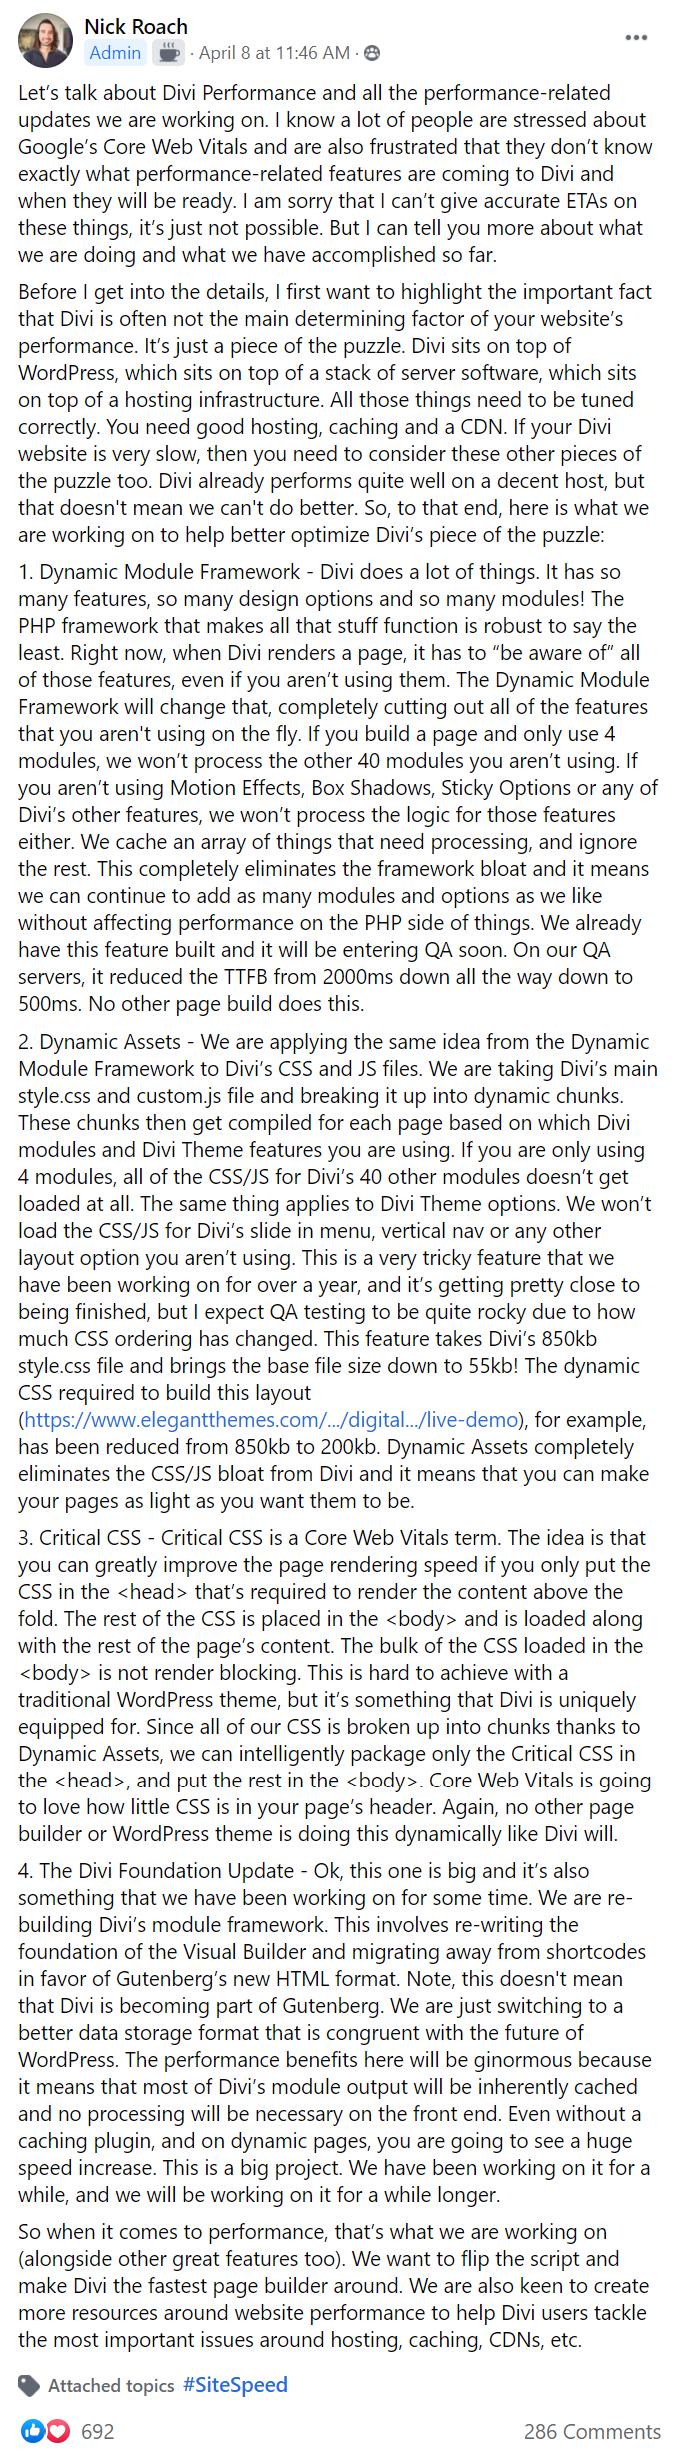 Divi And Core Web Vitals